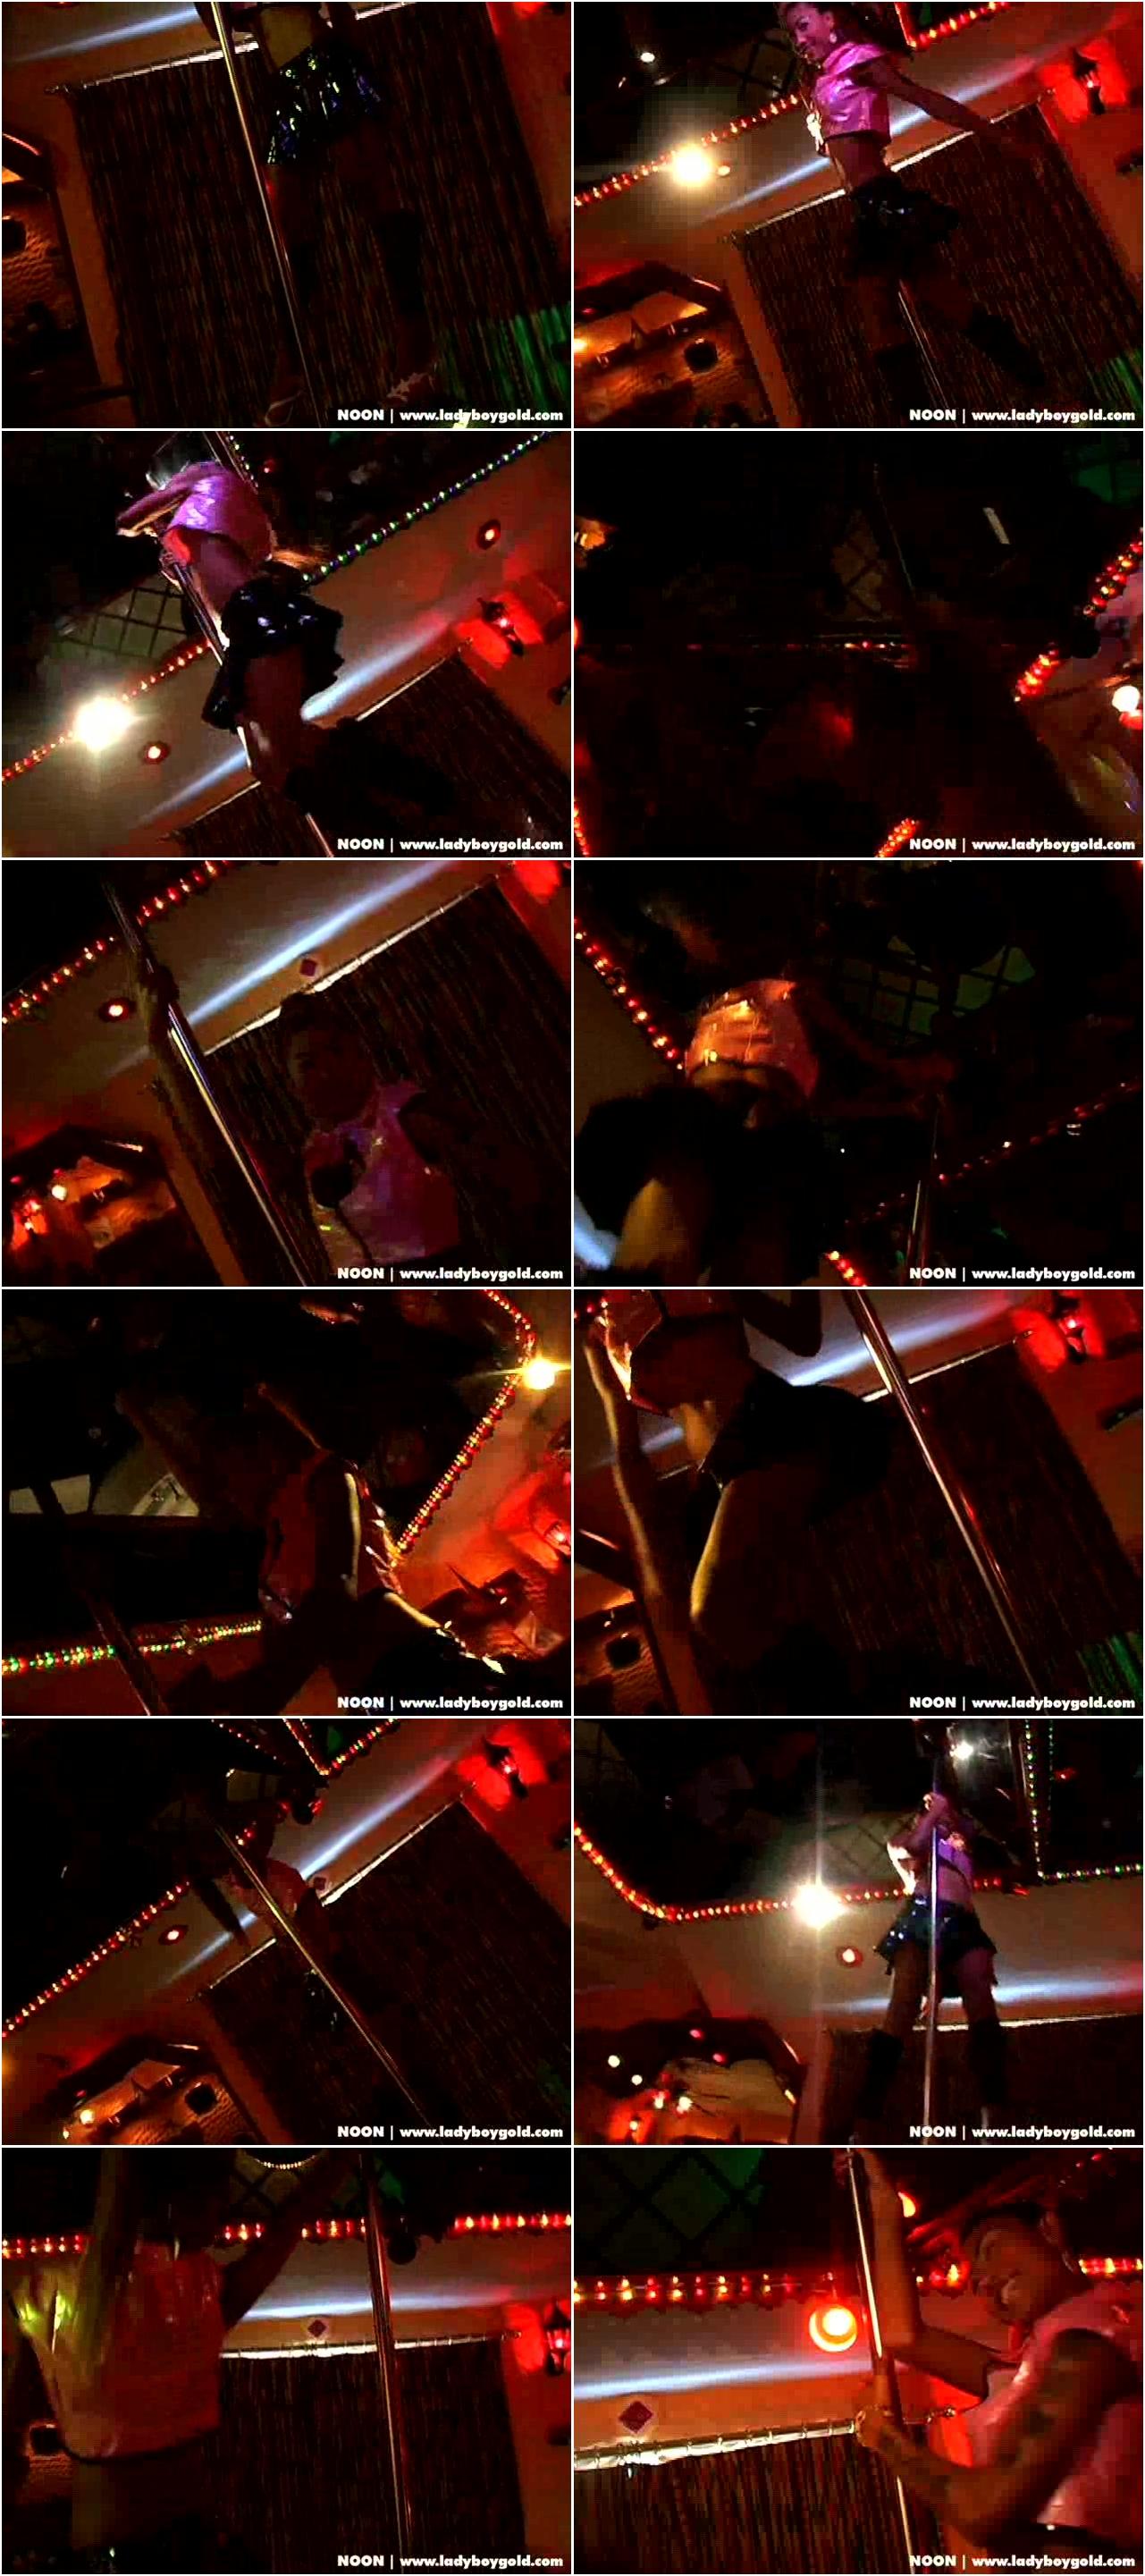 http://ist3-2.filesor.com/pimpandhost.com/1/4/2/7/142775/3/e/v/c/3evc8/Noon-Disco_Diva.jpg